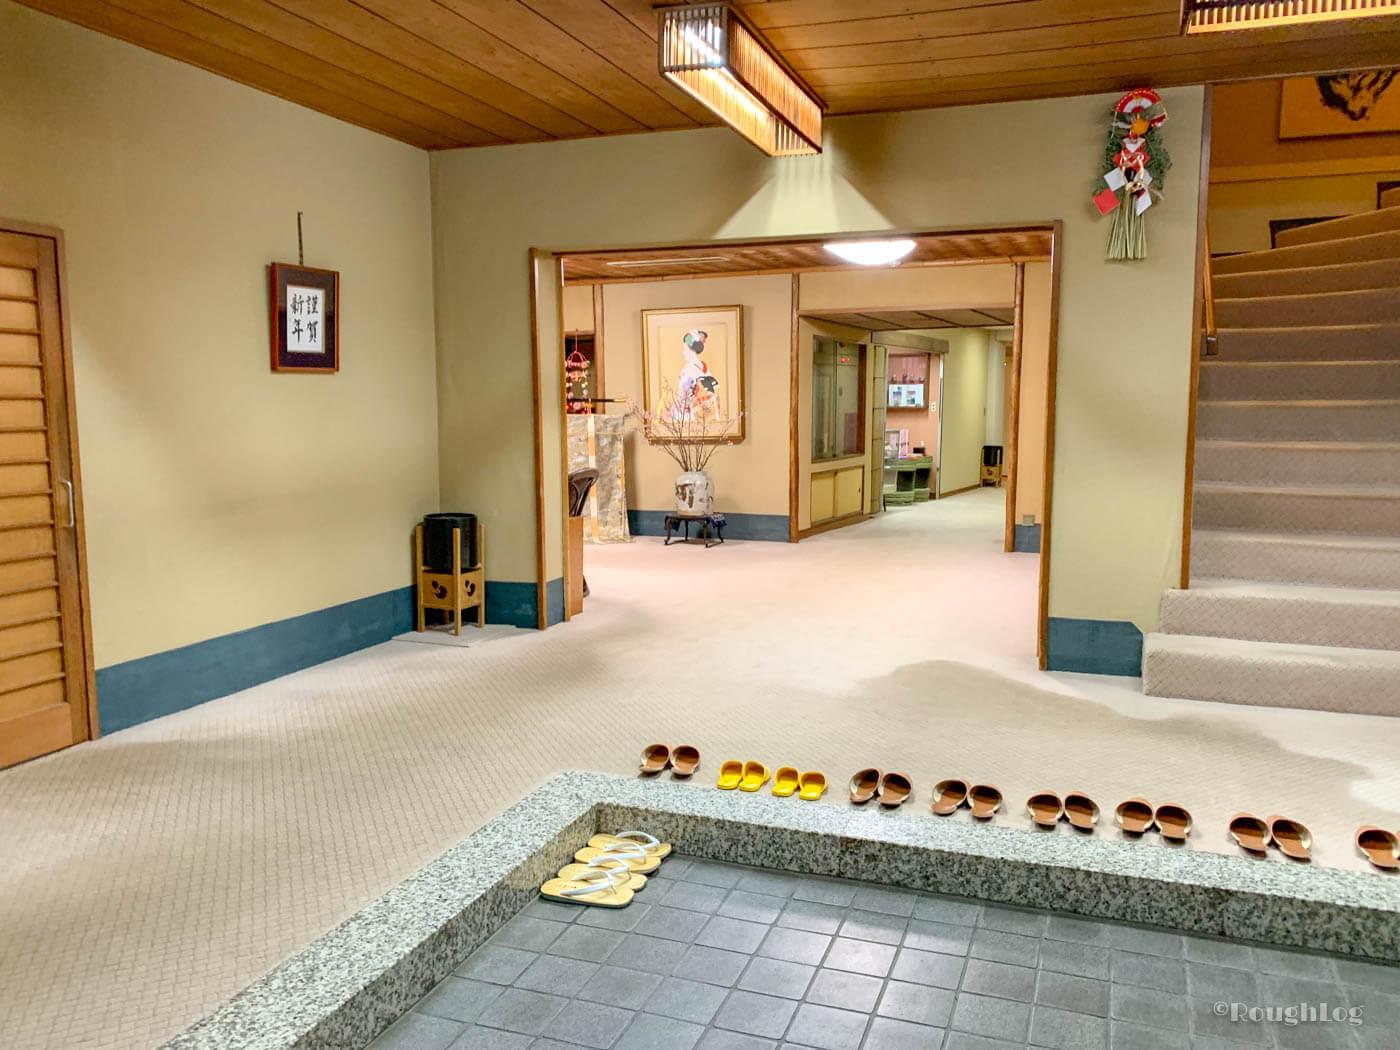 三平荘の玄関口。靴を脱ぎ、本日泊まる客室までご案内いただきました